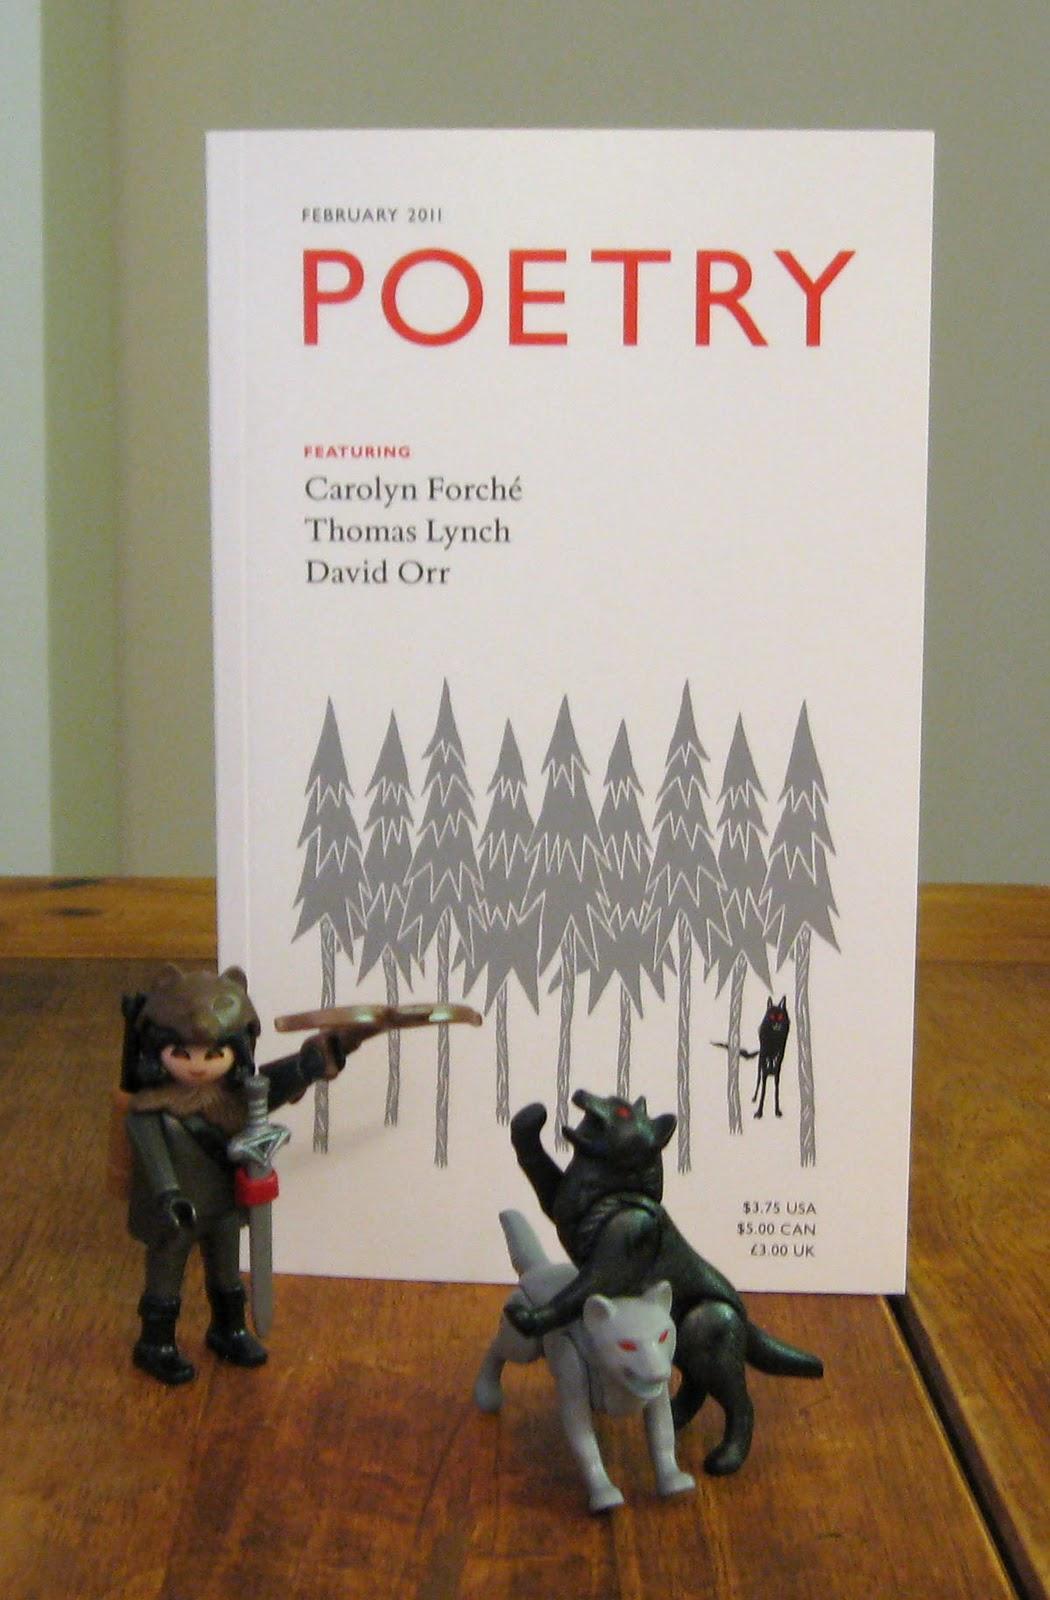 Emperor of Ice-Cream Cakes: Poems Are Jokes: FEBRUARY 2011